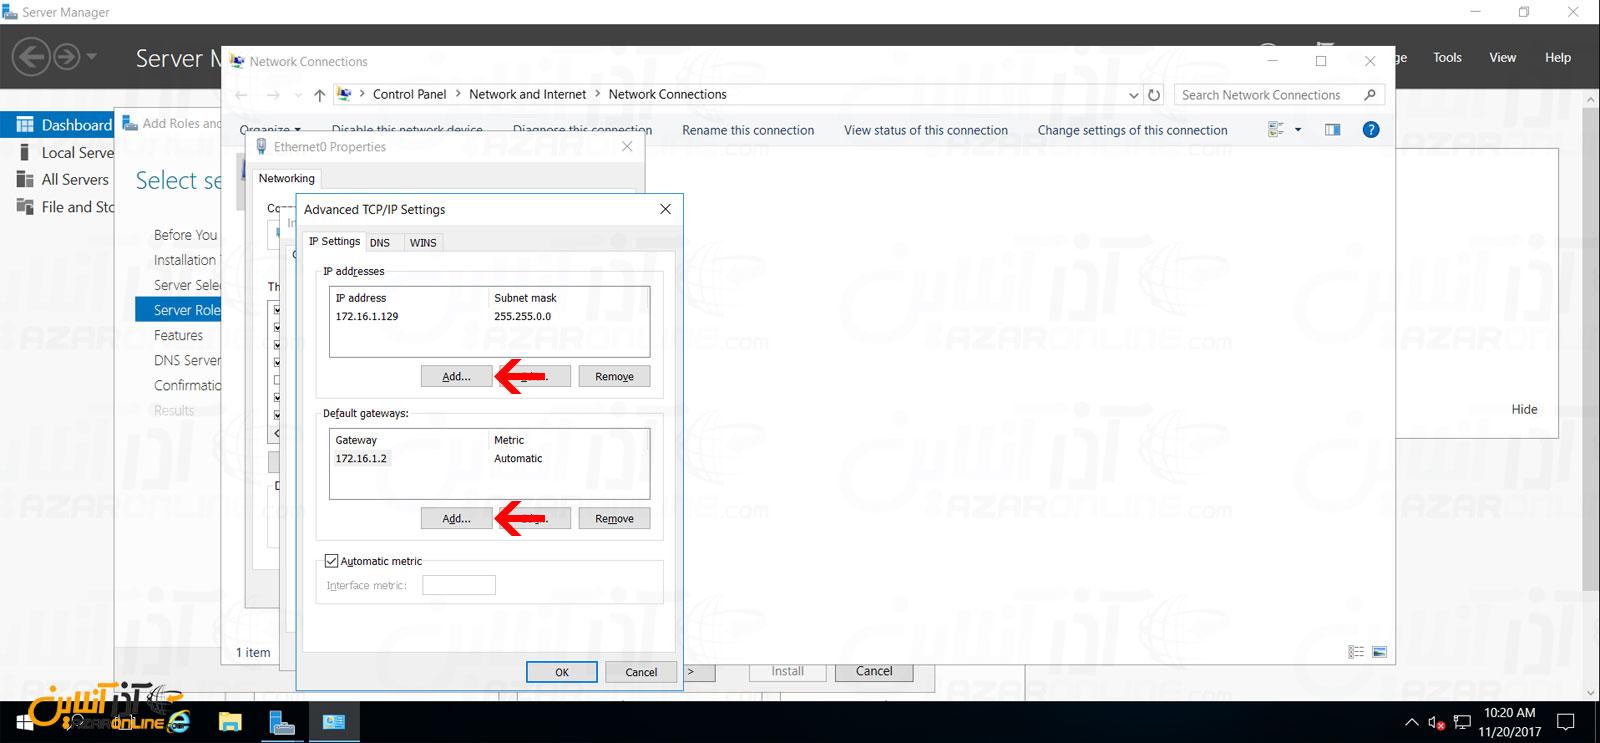 اضافه کردن IP دوم در ویندوز سرور 2016 و یا اضافه کردن default gateway